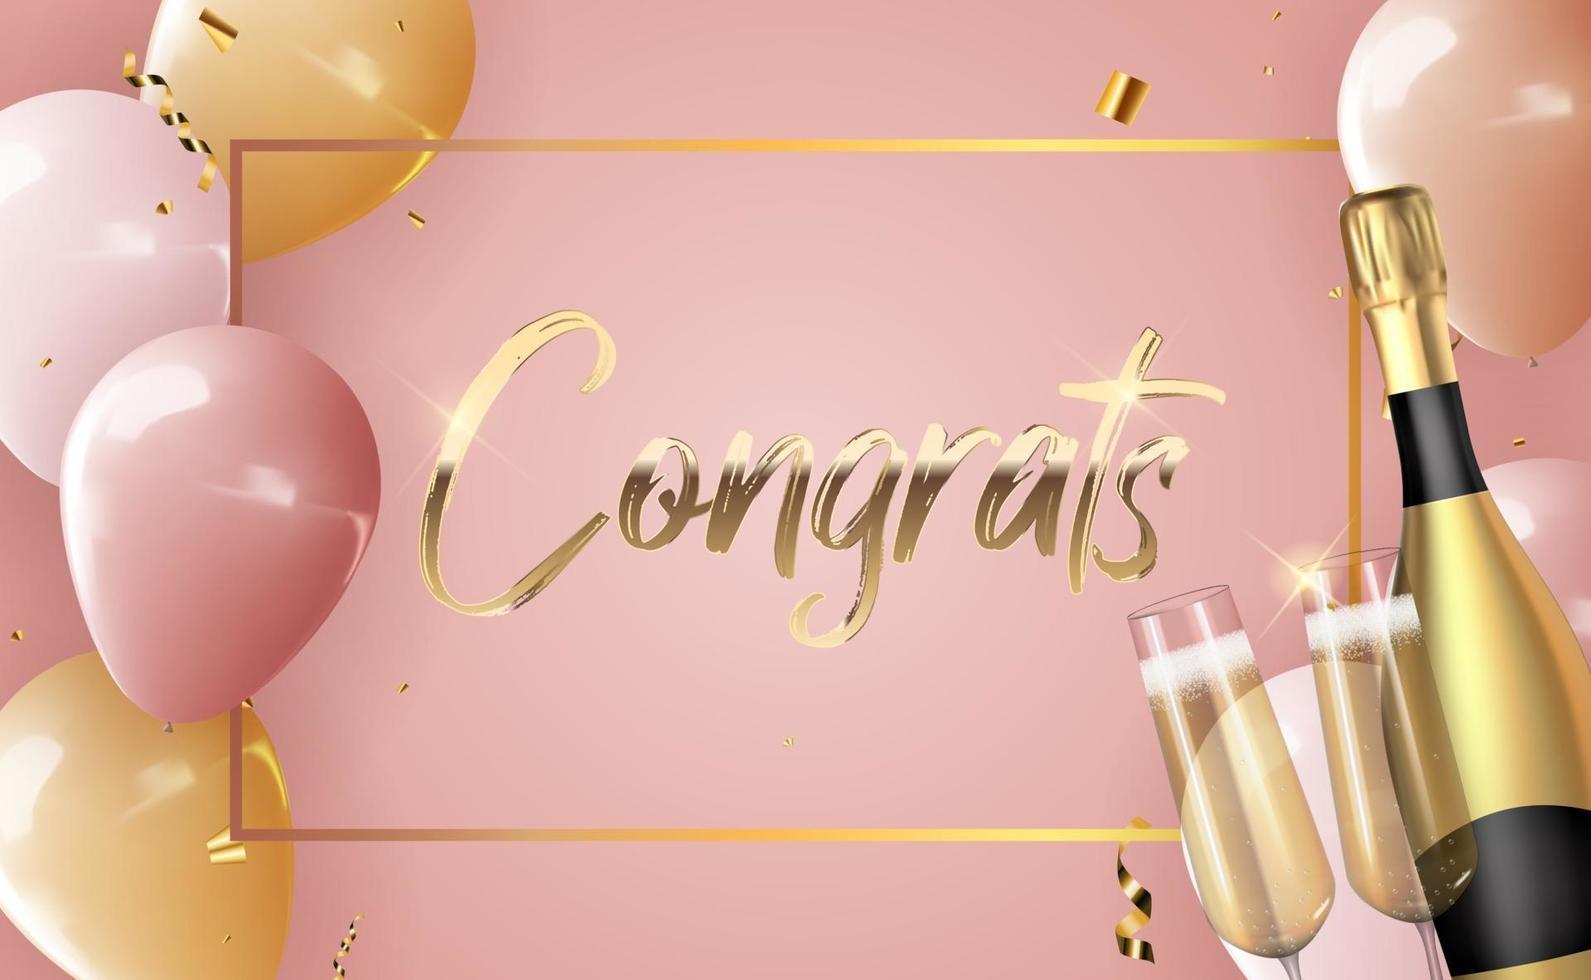 realistischer 3d Ballon gratuliert Hintergrund mit Flasche Champagner und einem Glas für Party, Feiertag, Geburtstag, Werbekarte, Plakat. Vektorillustration vektor